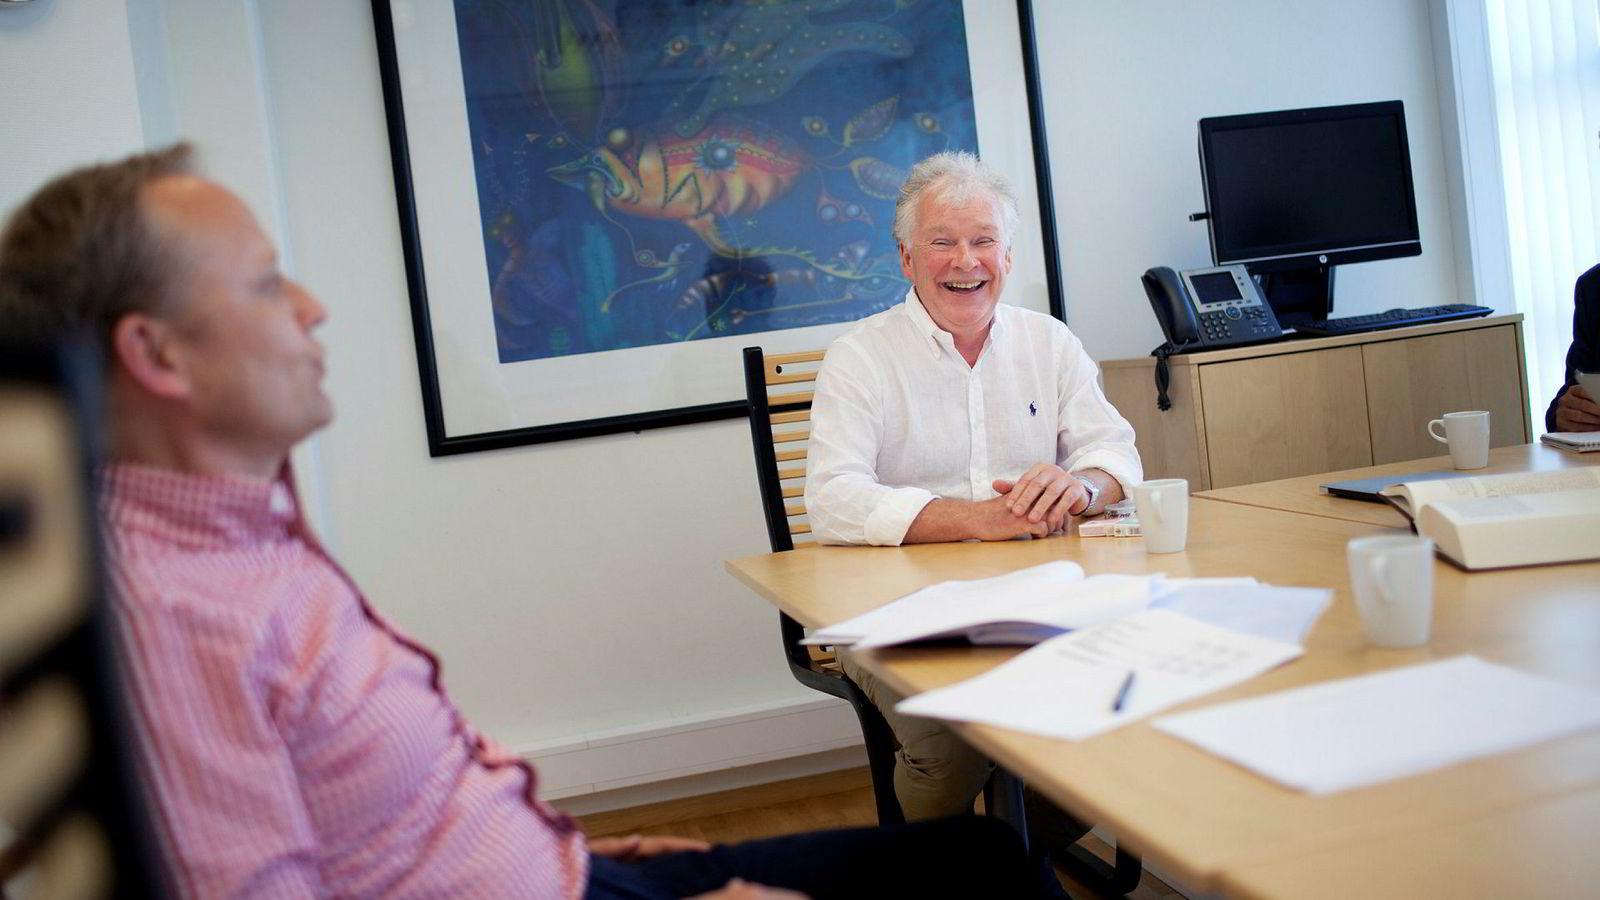 Crudecorp-sjef Geir Utne Berg og oljeselskapseier Sigurd Steen Aase merker den globale oljeoppturen også i kontorene i Haugesund.